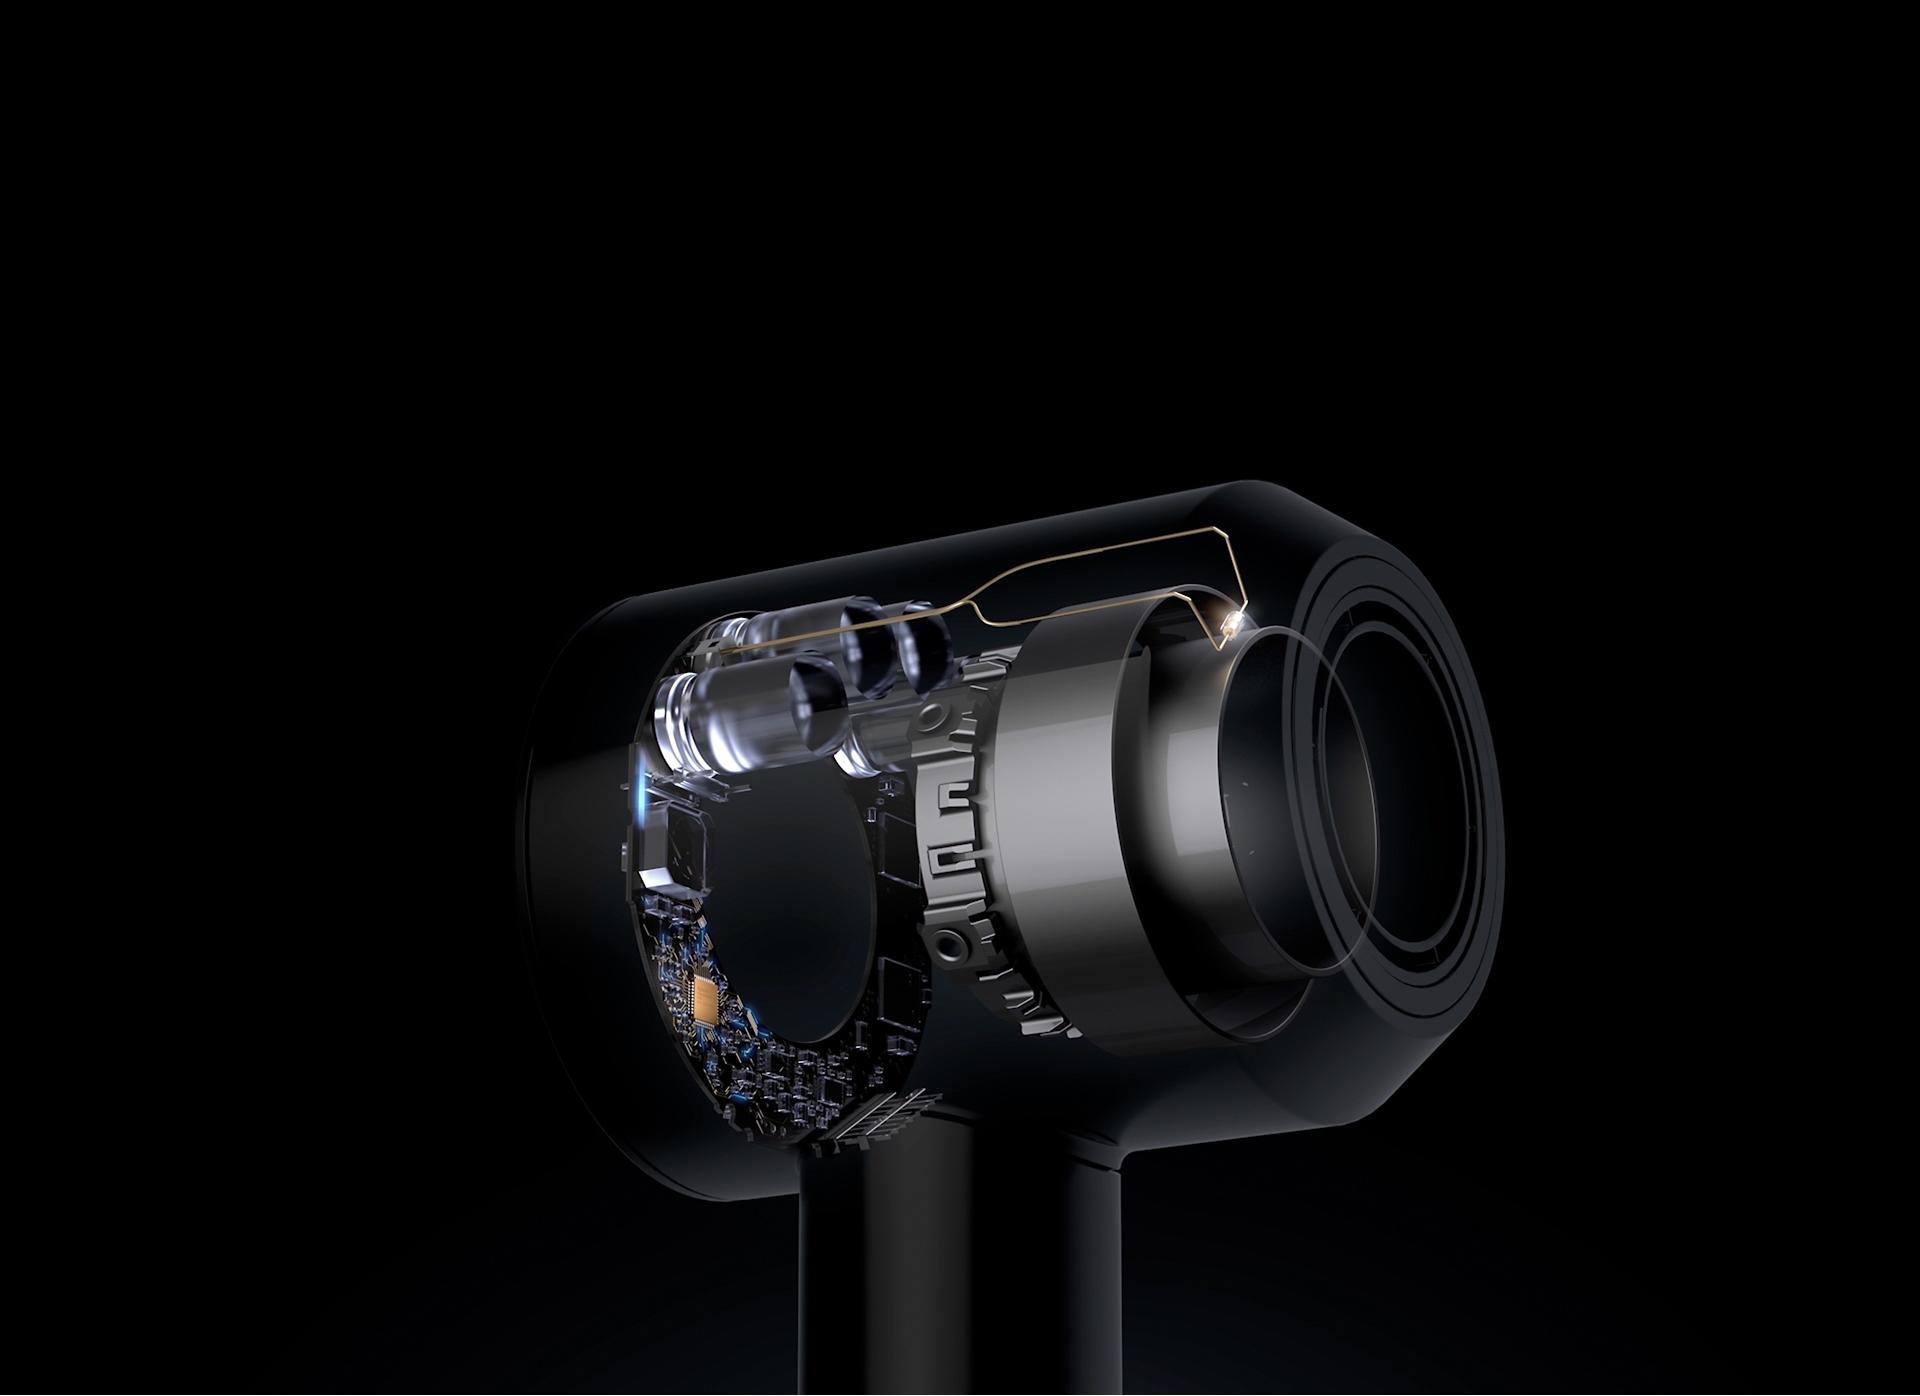 Dyson Supersonic ™ saç kurutma makinesi iç tasarımı